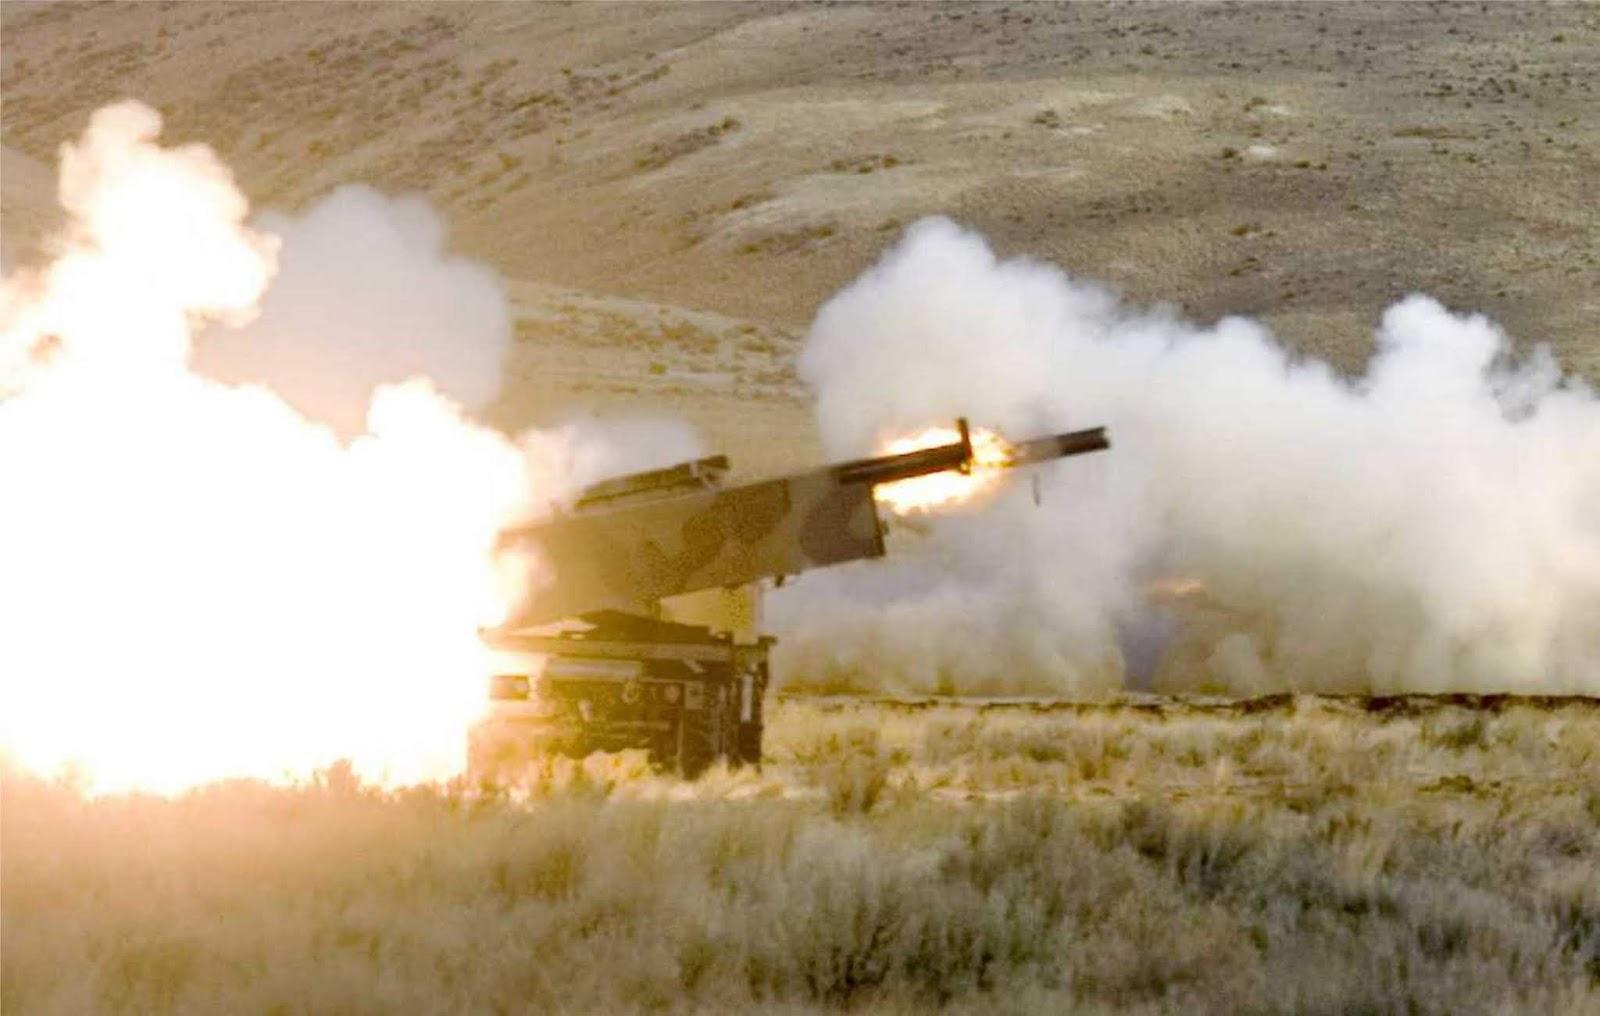 Polandia akan memperoleh senjata dari AS yang bisa mencapai target hingga 300 km